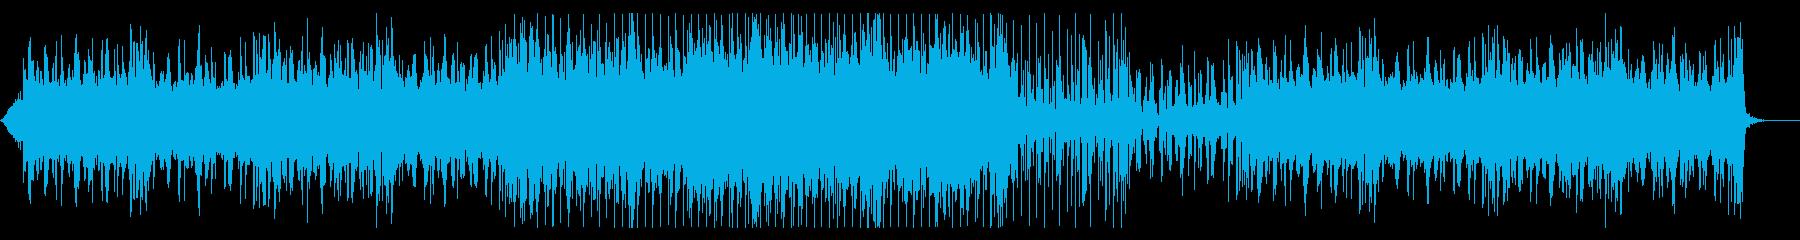 エスニックで神秘的なアンビエント風楽曲の再生済みの波形